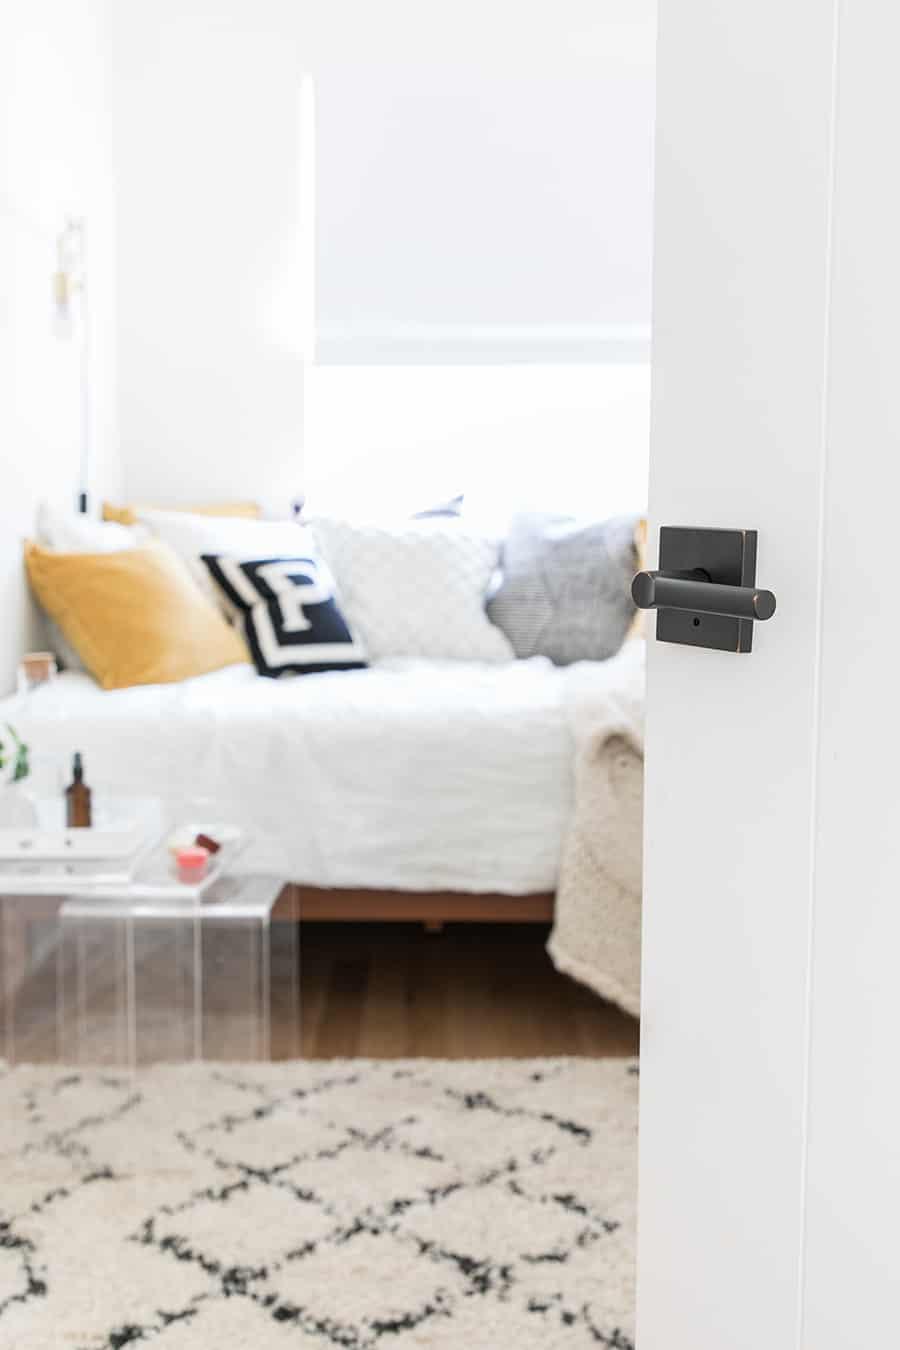 Door open to a guest bedroom